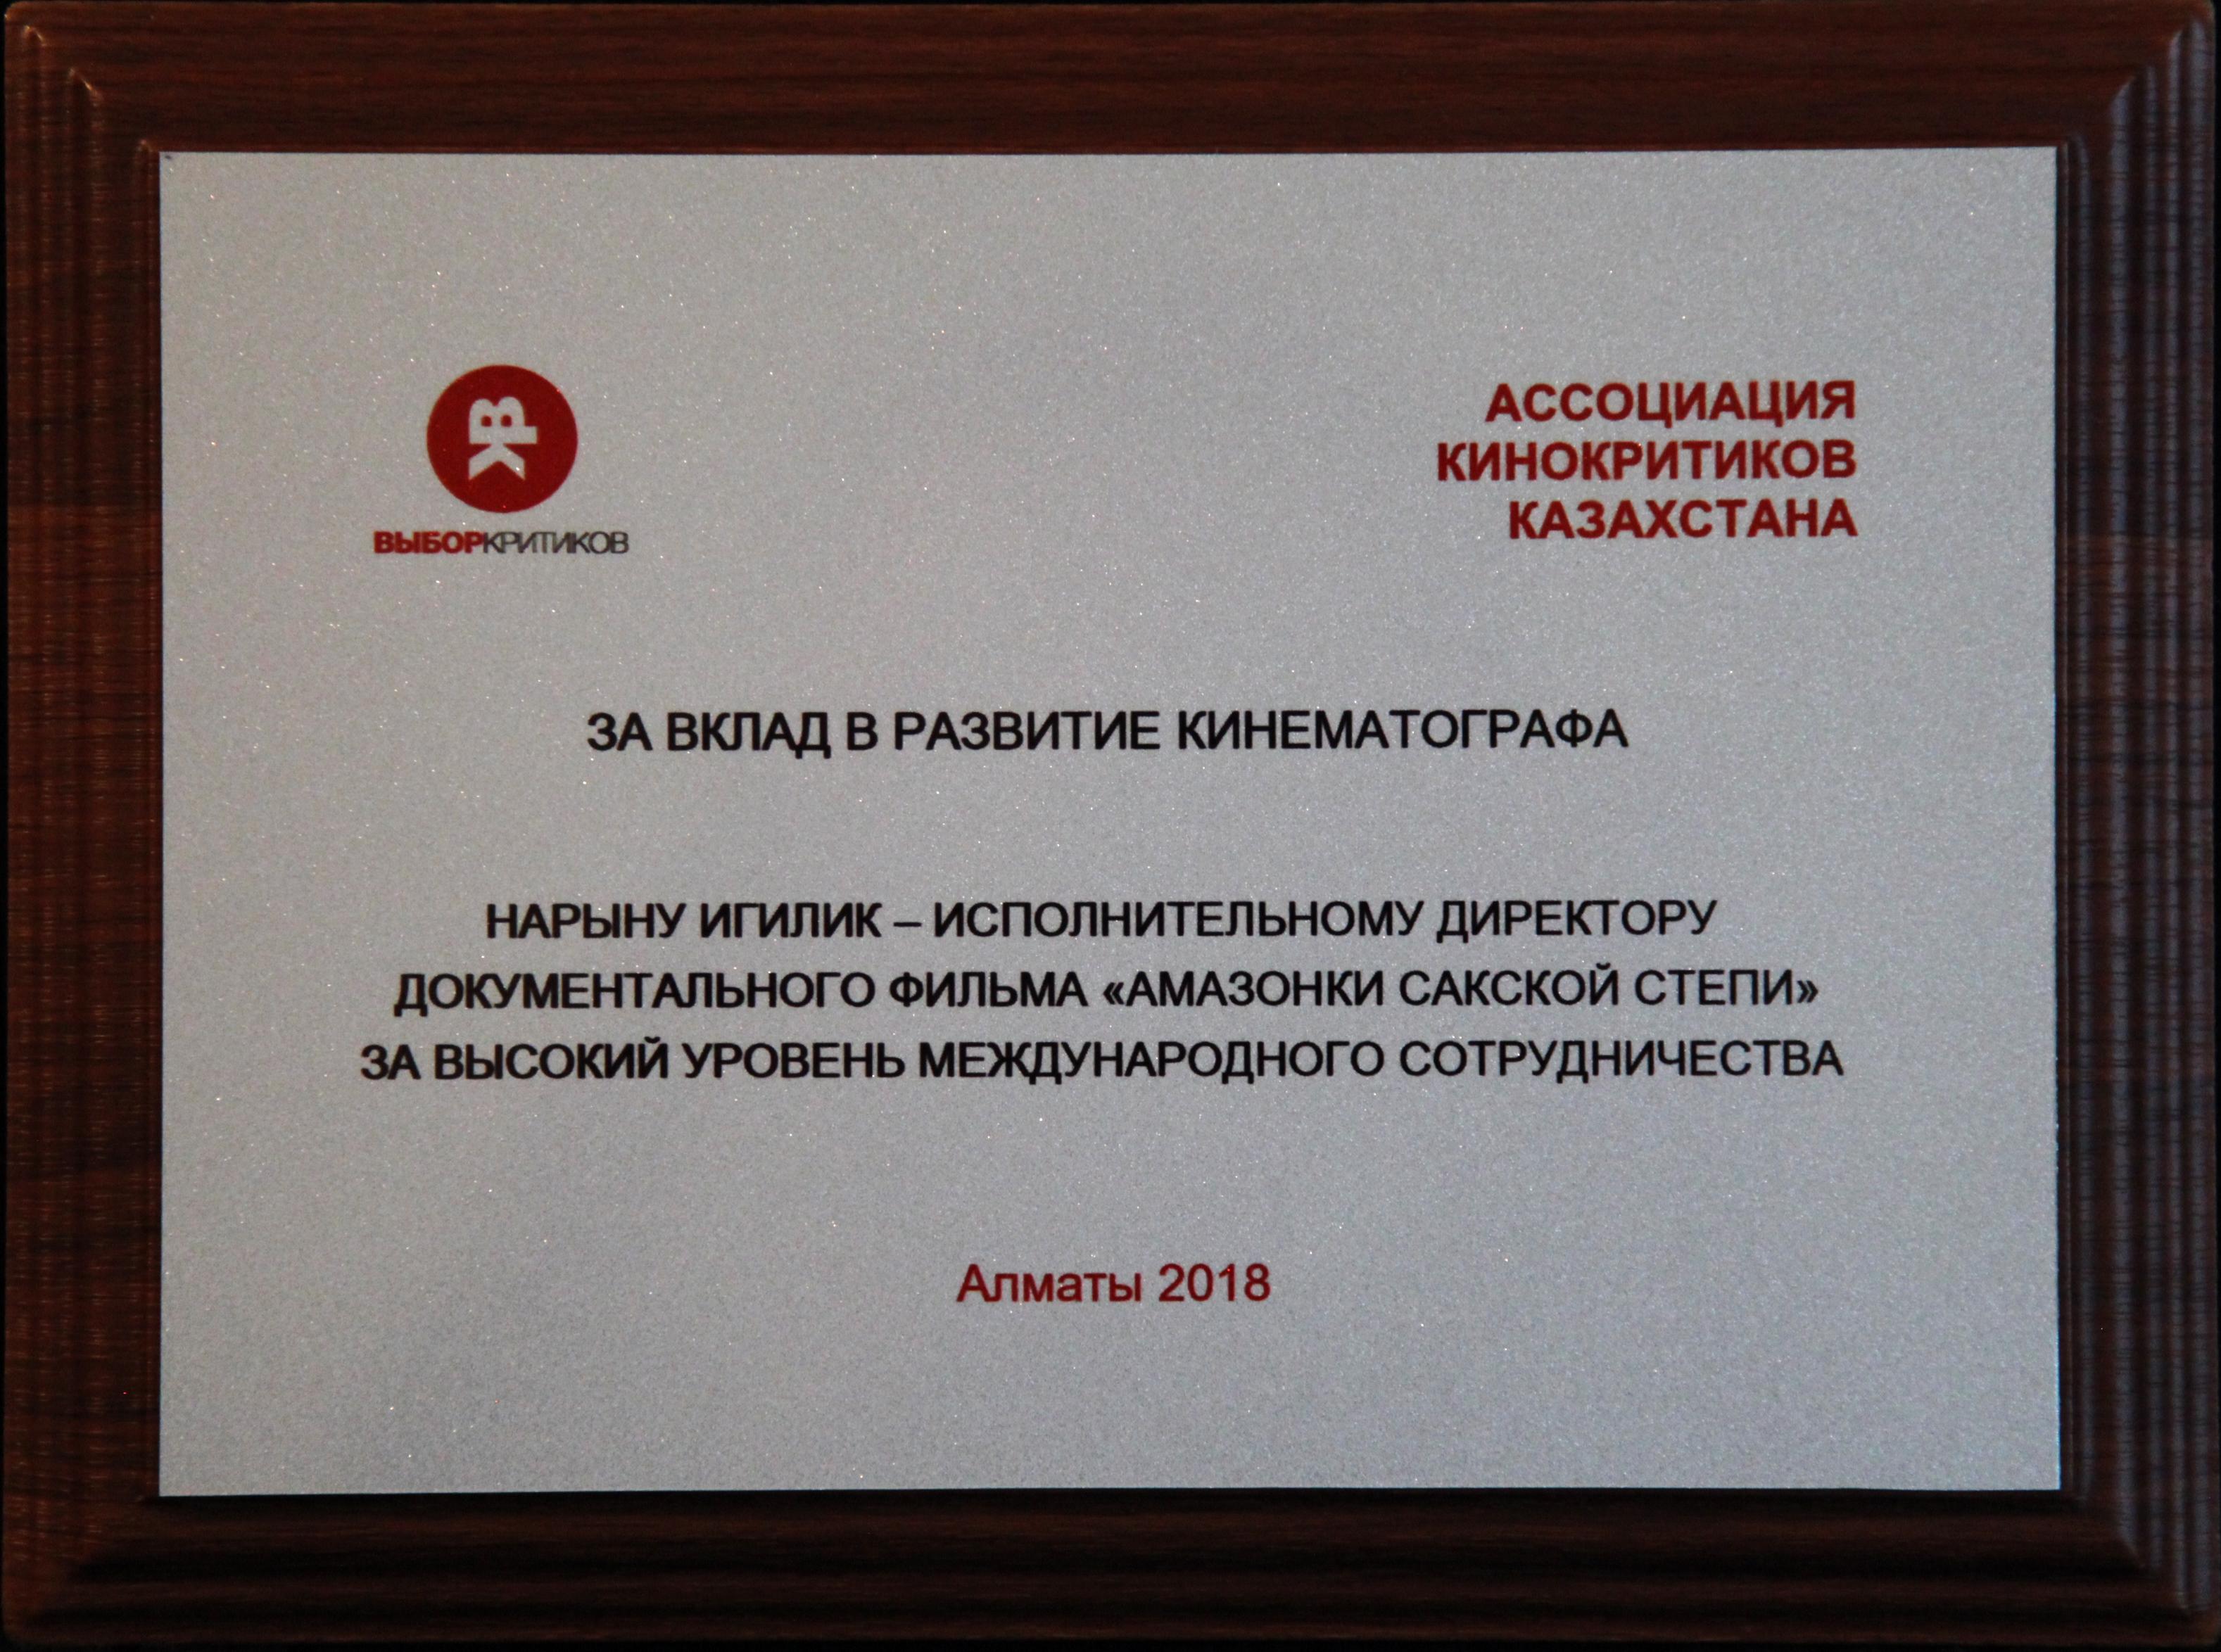 Нарын Игилик получил Премию Выбор критиков